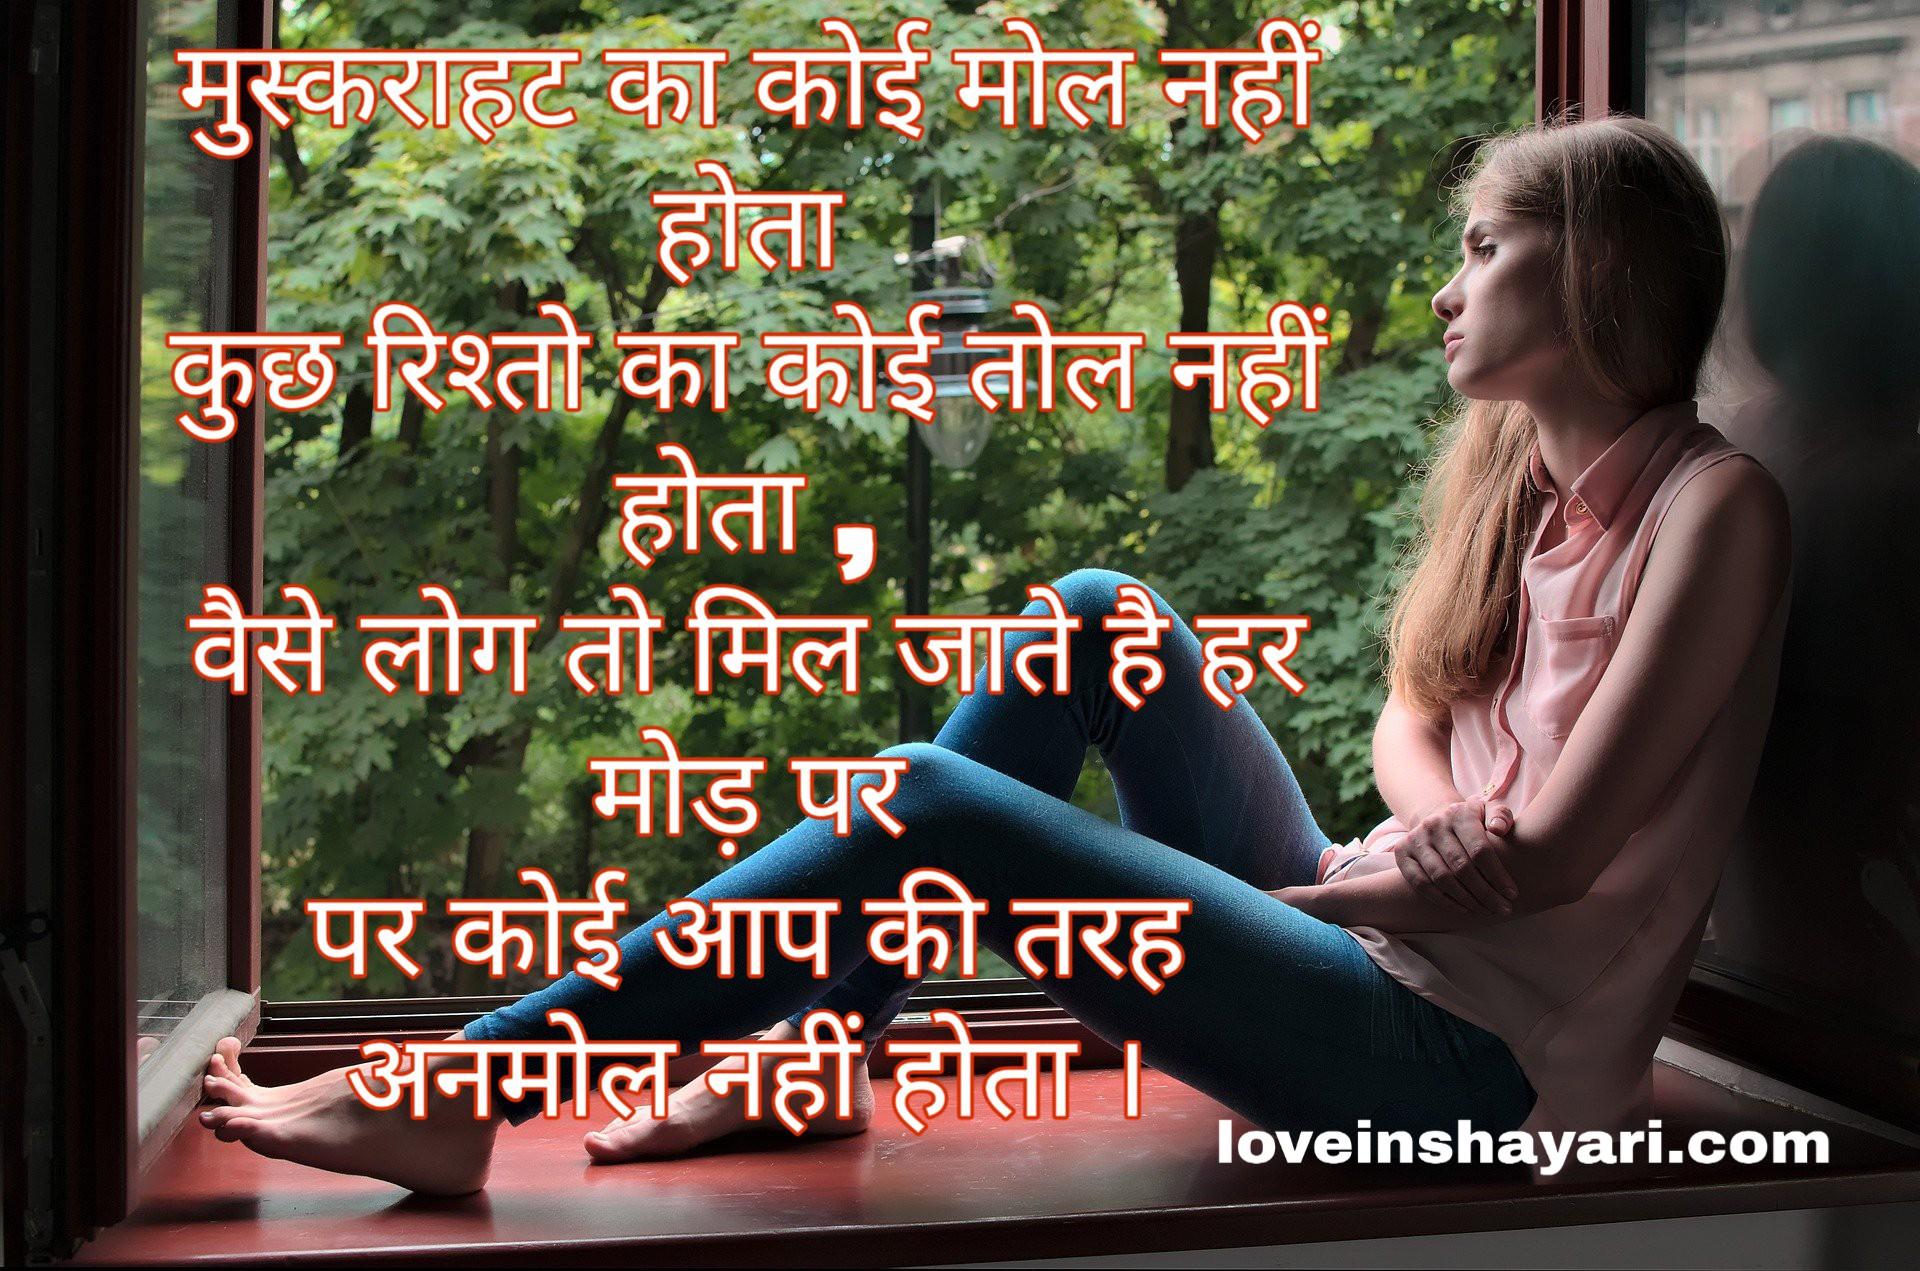 chahat shayari quotes images , chahat shayari 2 lines